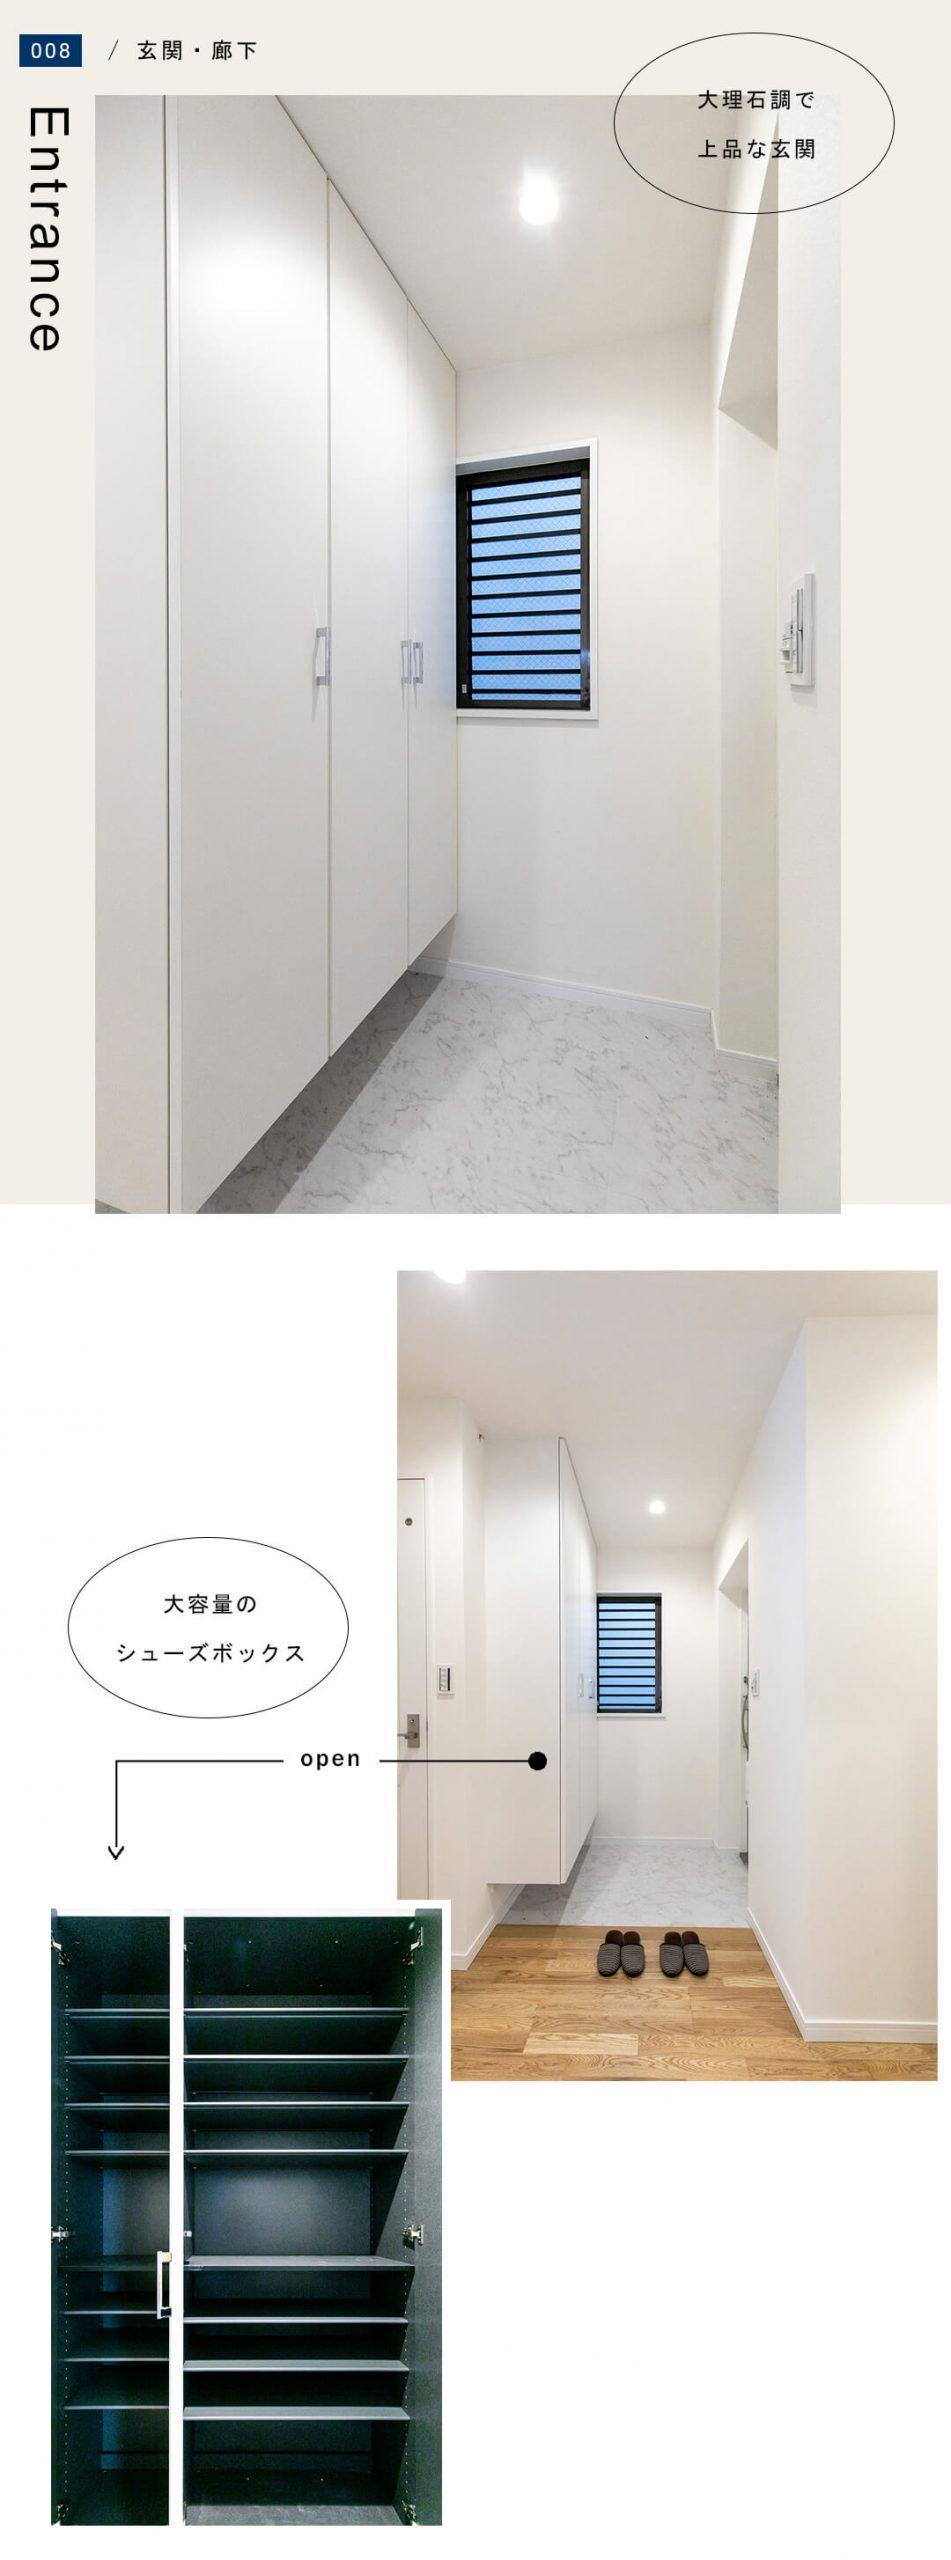 バームハイツ菊名参番館壱の玄関